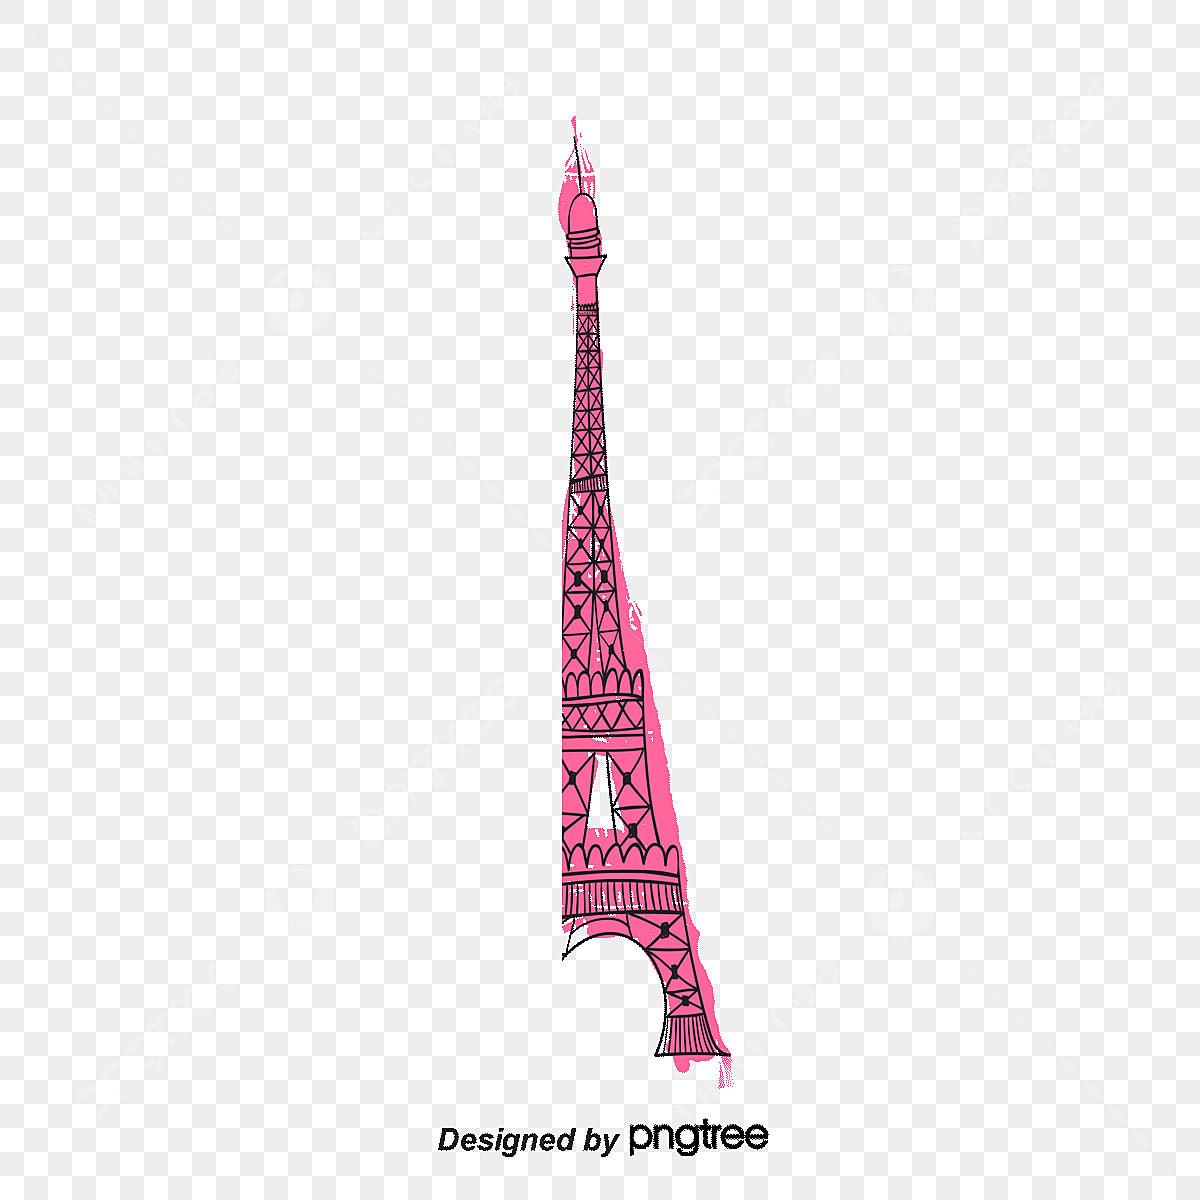 Gambar Watak Kartun Menara Eiffel Di Paris Watak Kartun Menara Eiffel Melancong Png Dan Psd Untuk Muat Turun Percuma